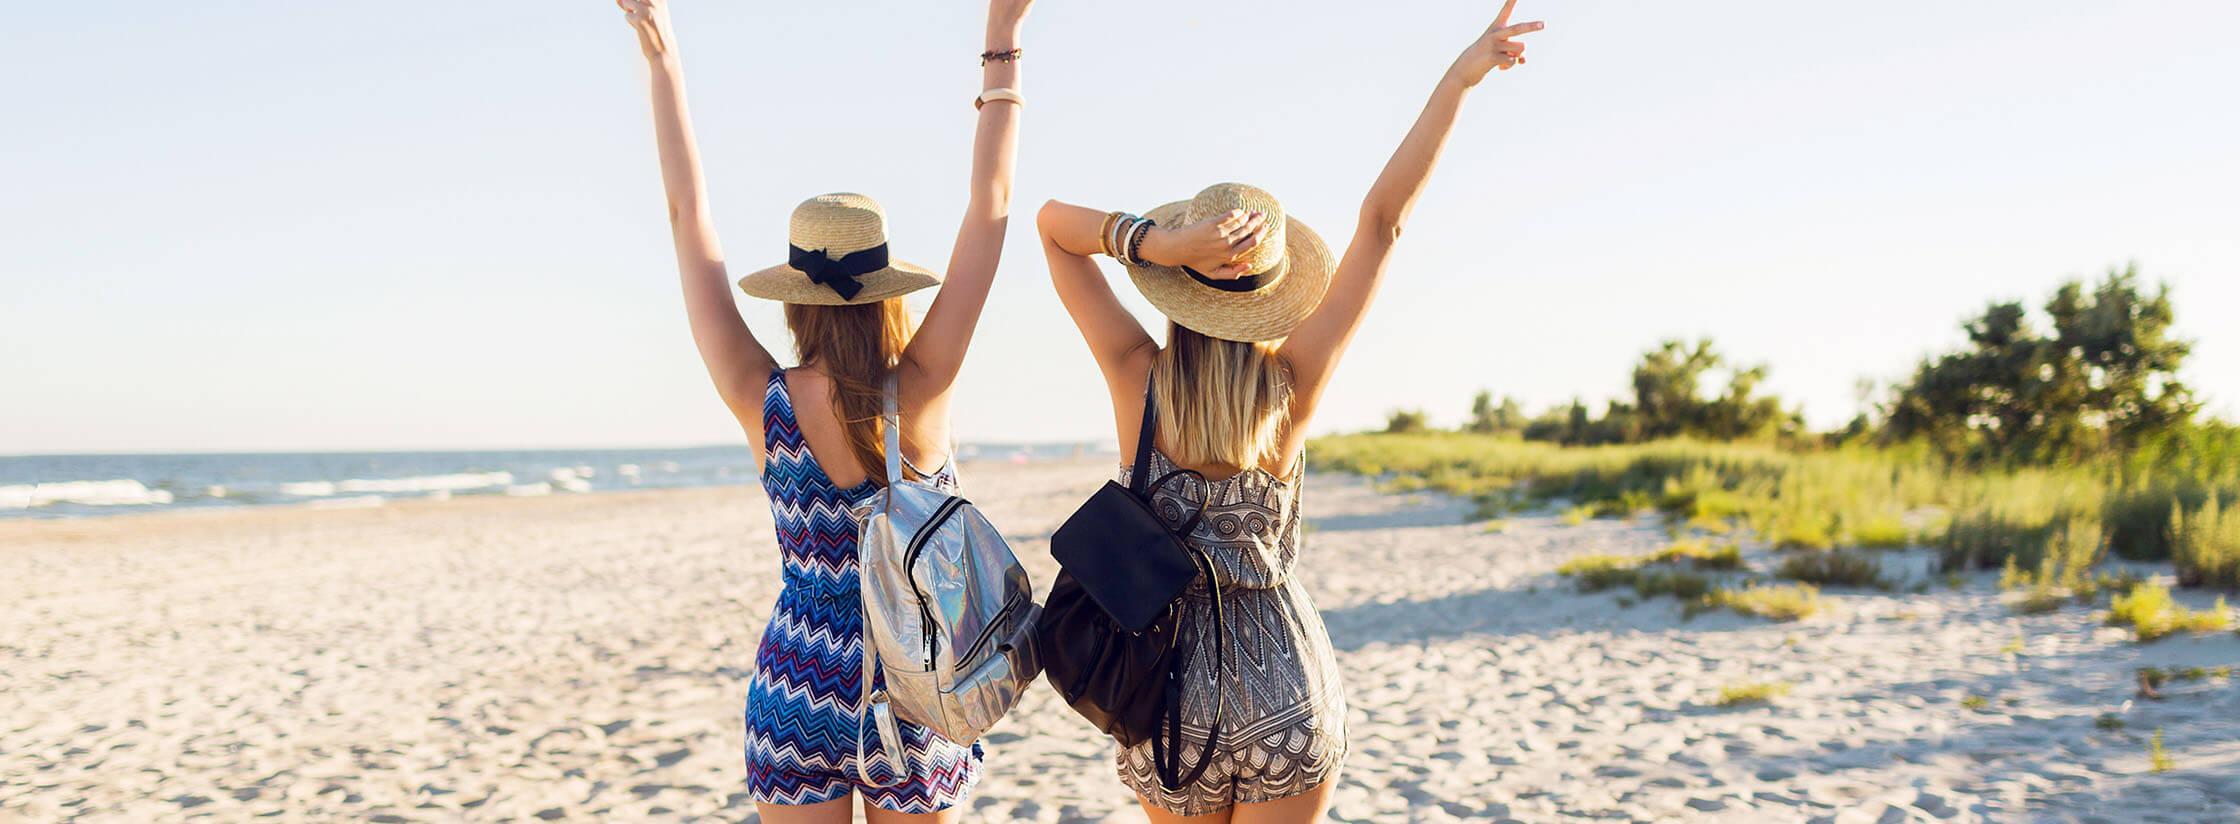 Twee vrouwen met een zomerhoed op lopen op een strand